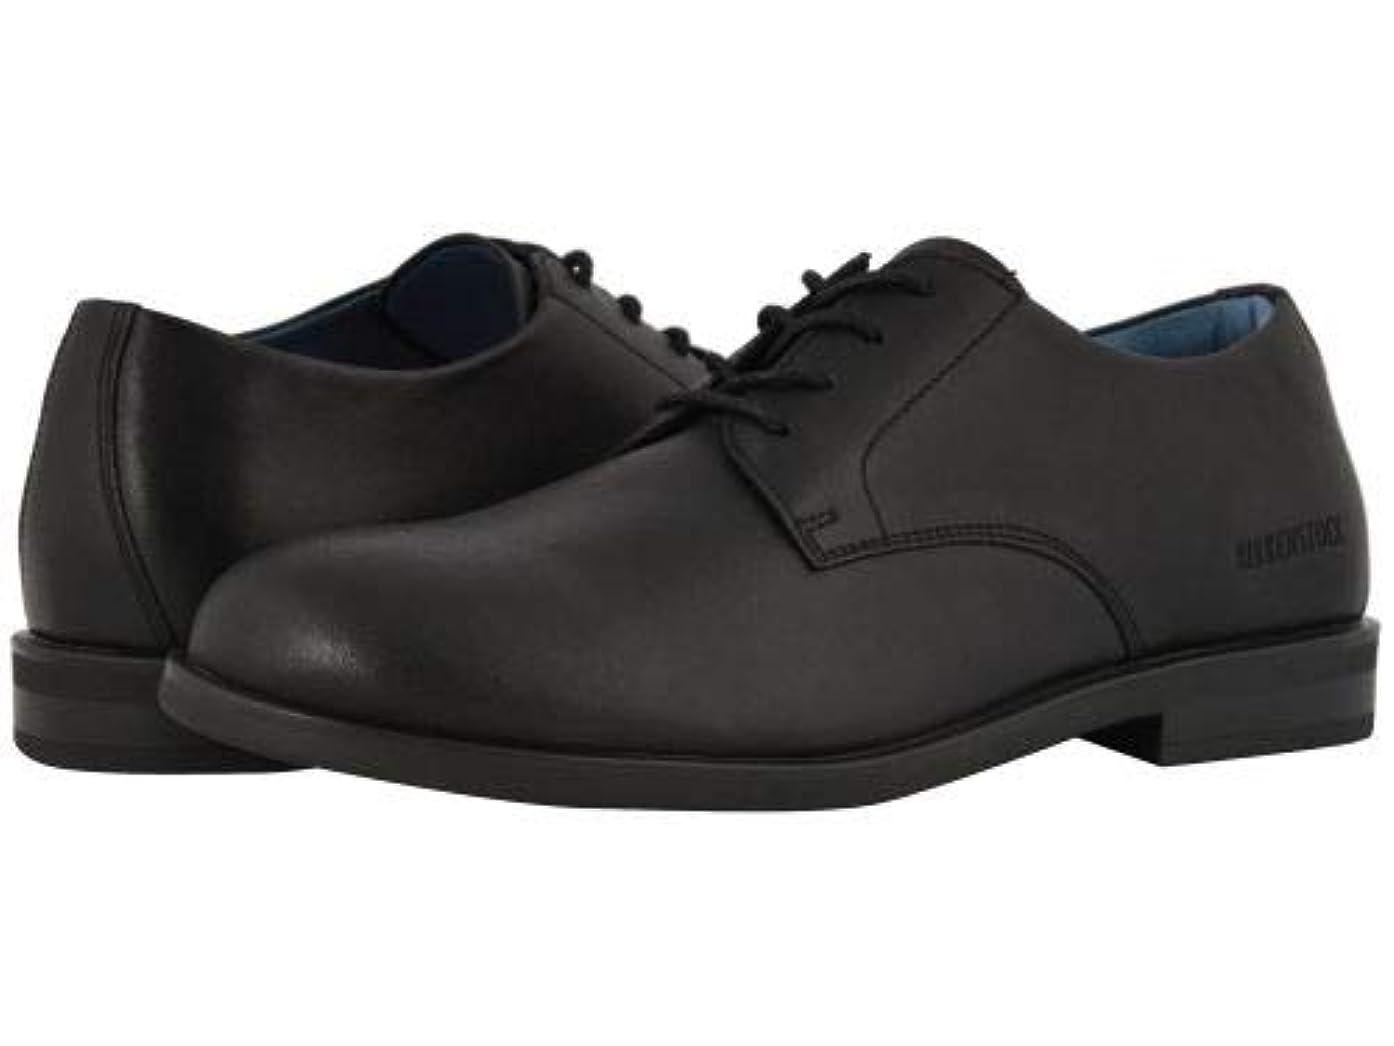 容赦ないチャット納屋Birkenstock(ビルケンシュトック) メンズ 男性用 シューズ 靴 オックスフォード 紳士靴 通勤靴 Jaren - Black Leather [並行輸入品]